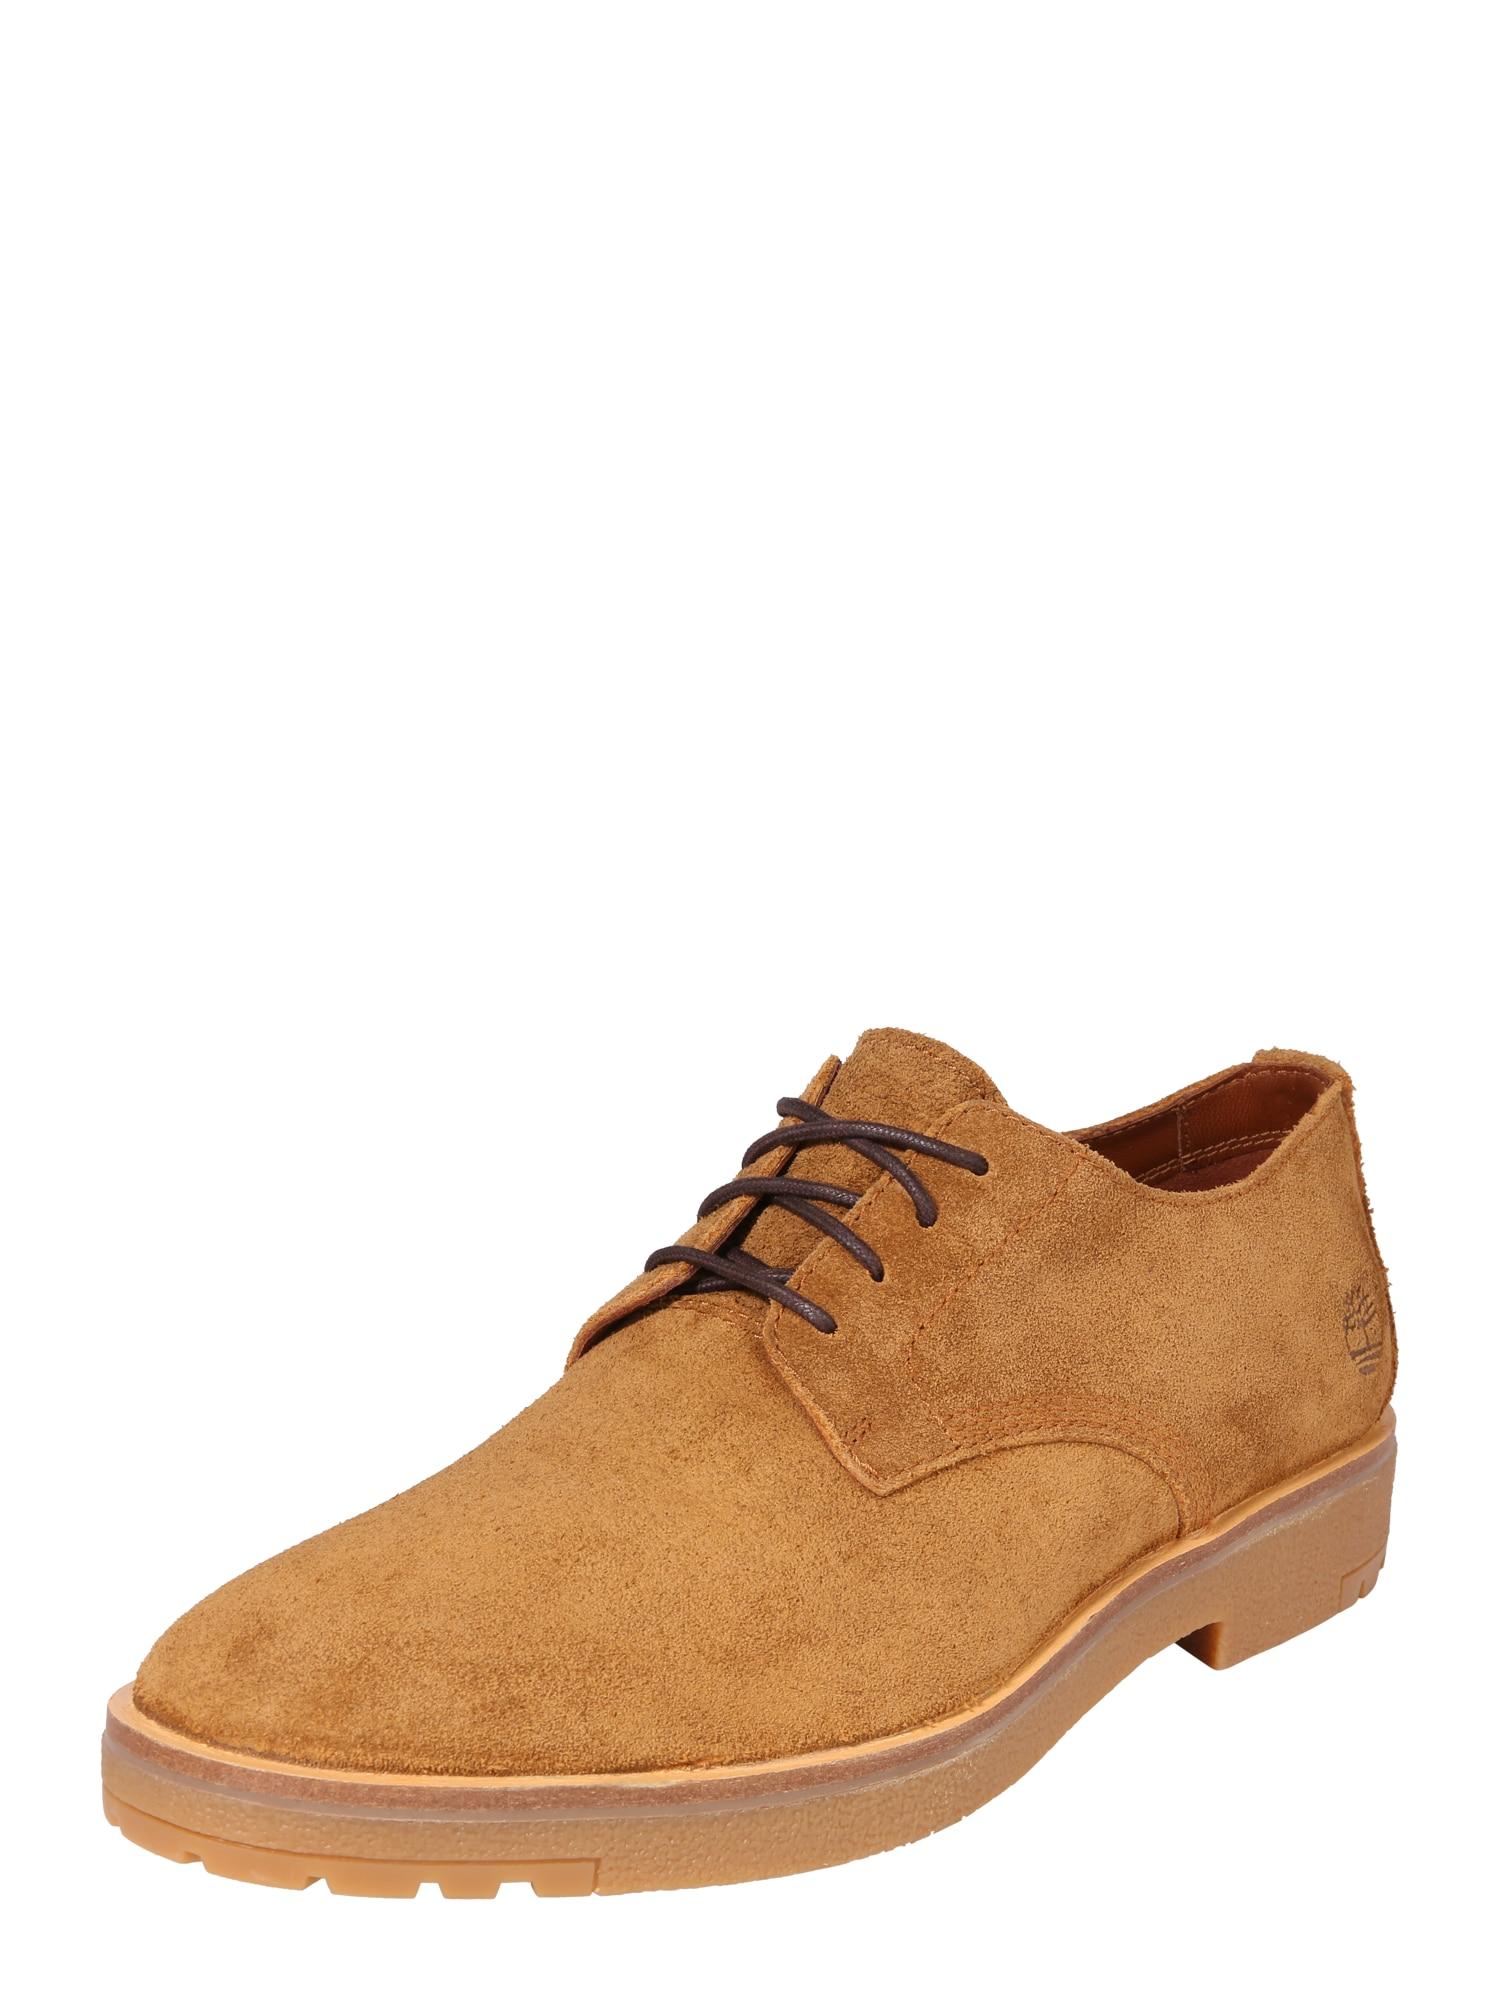 Šněrovací boty Folk Gentleman Ox koňaková TIMBERLAND